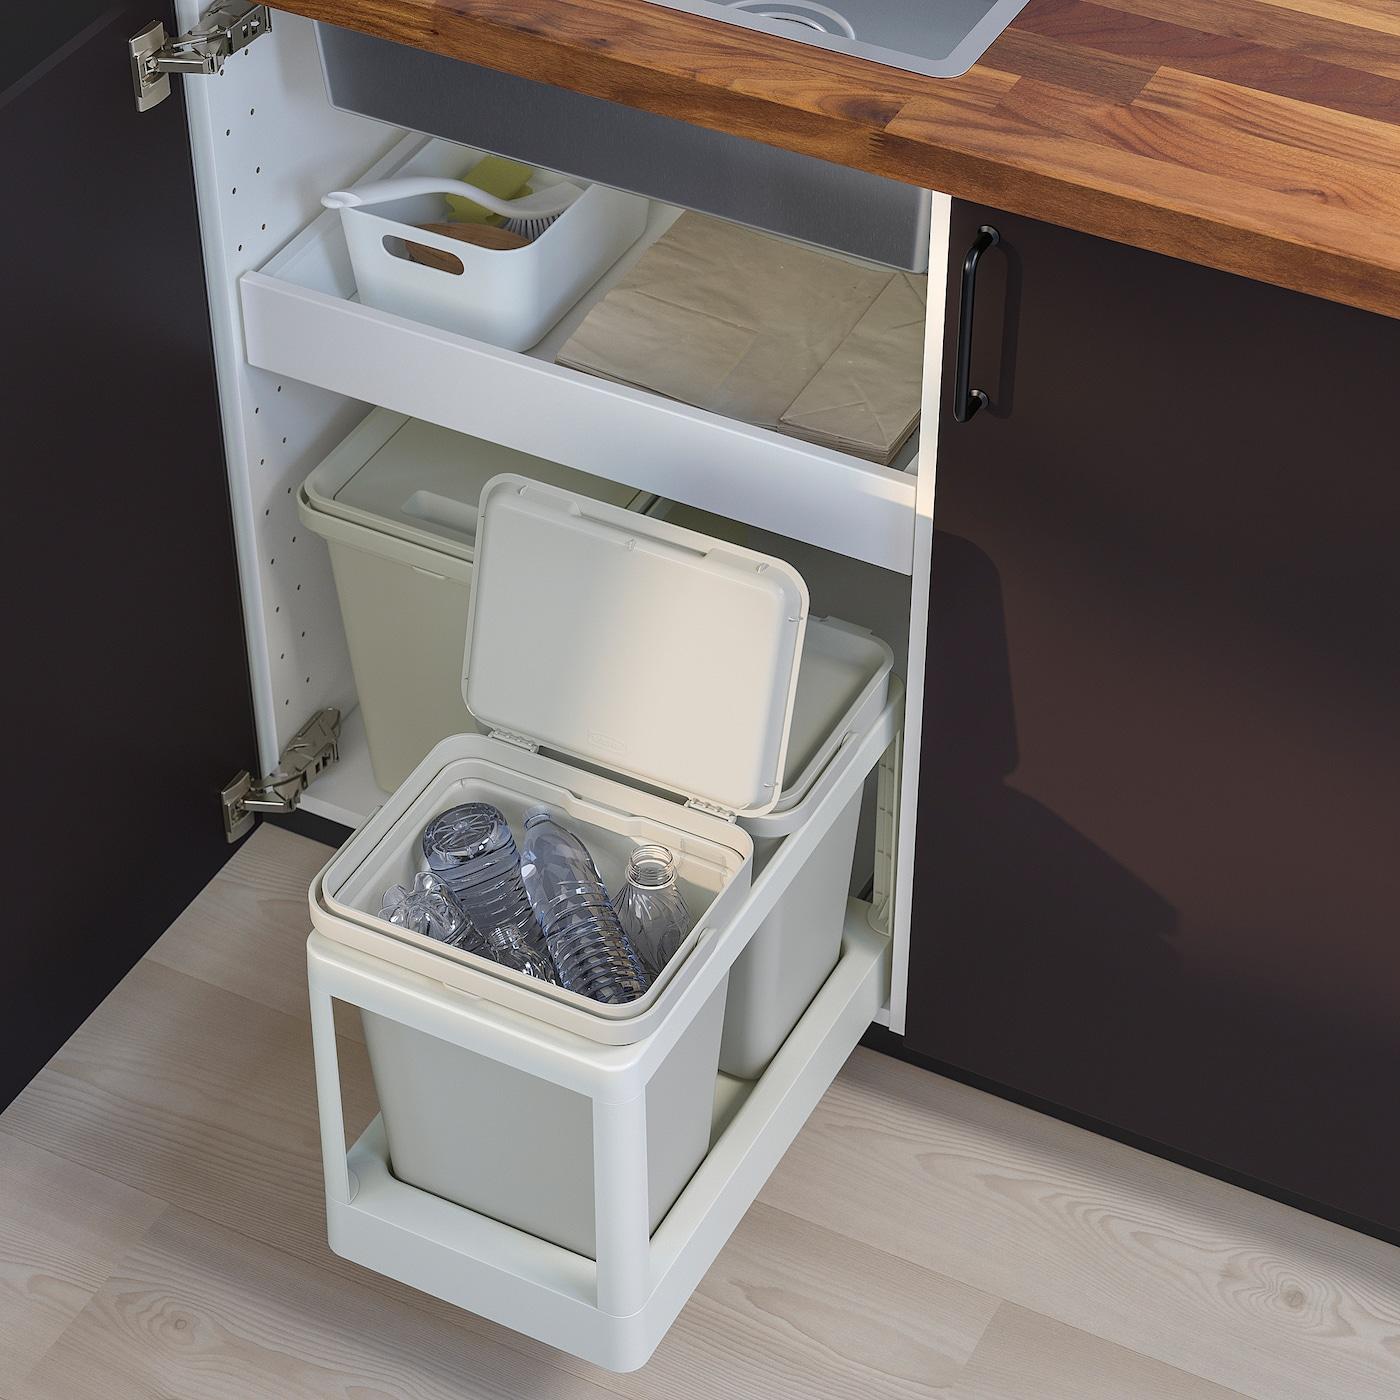 Hallbar Uittrekbaar Frame V Afvalsortering Lichtgrijs Ikea